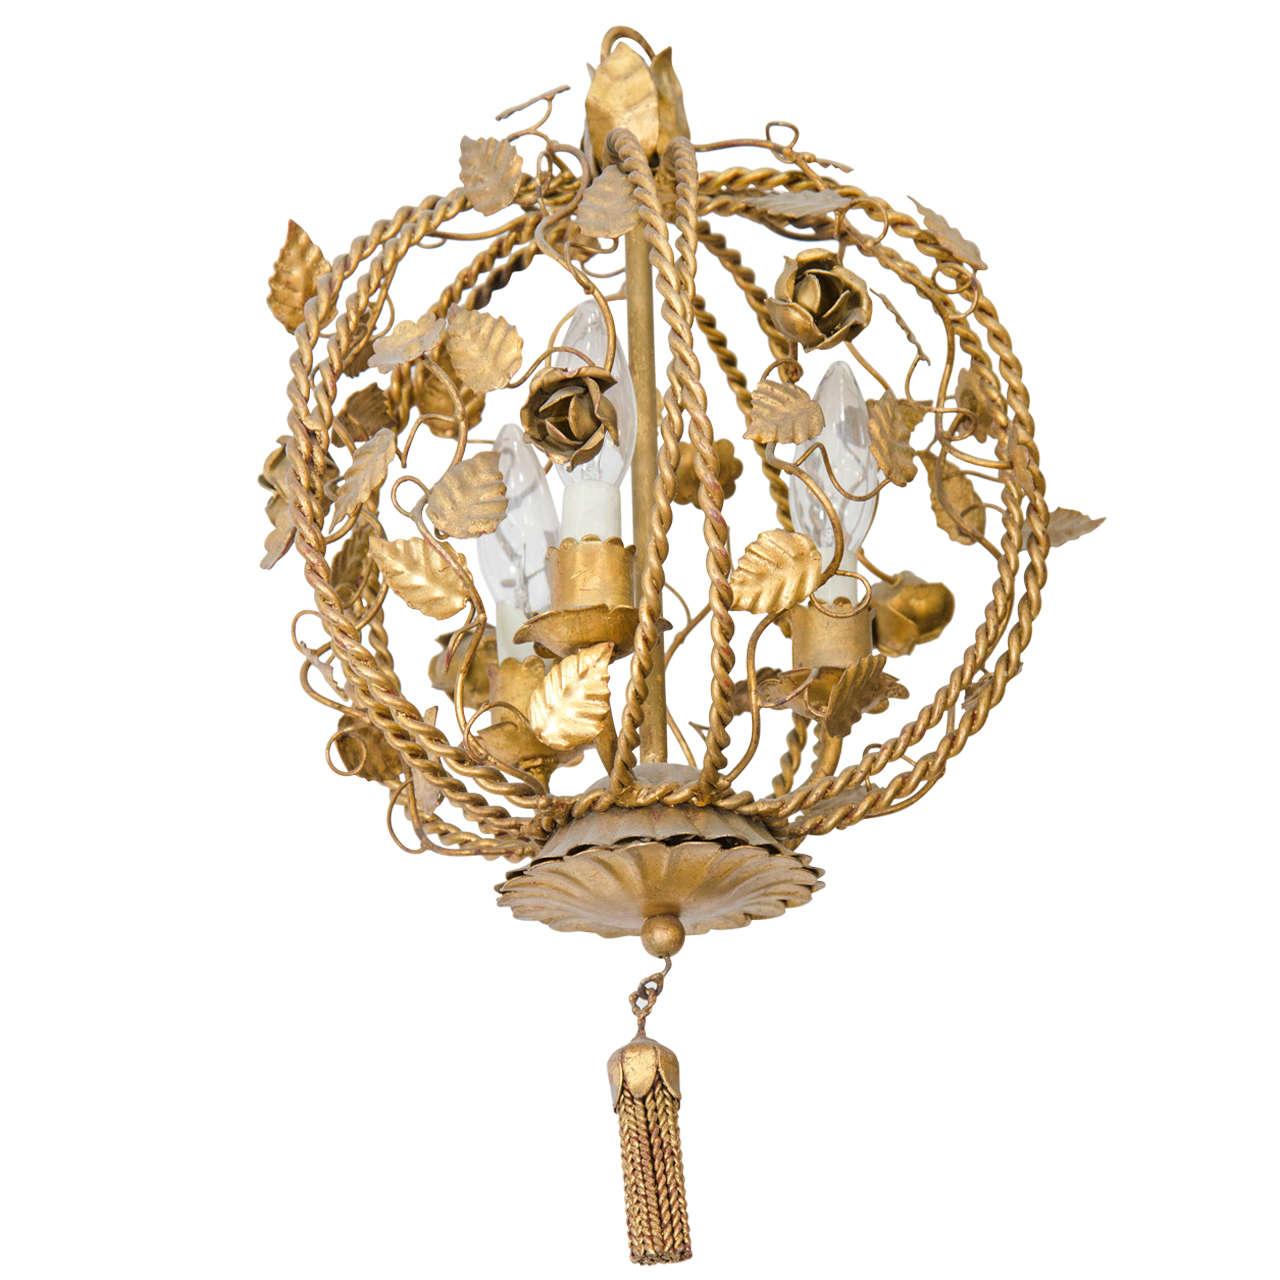 Vintage brass petite flower and leaf motif chandelier for sale at vintage brass petite flower and leaf motif chandelier 1 arubaitofo Images